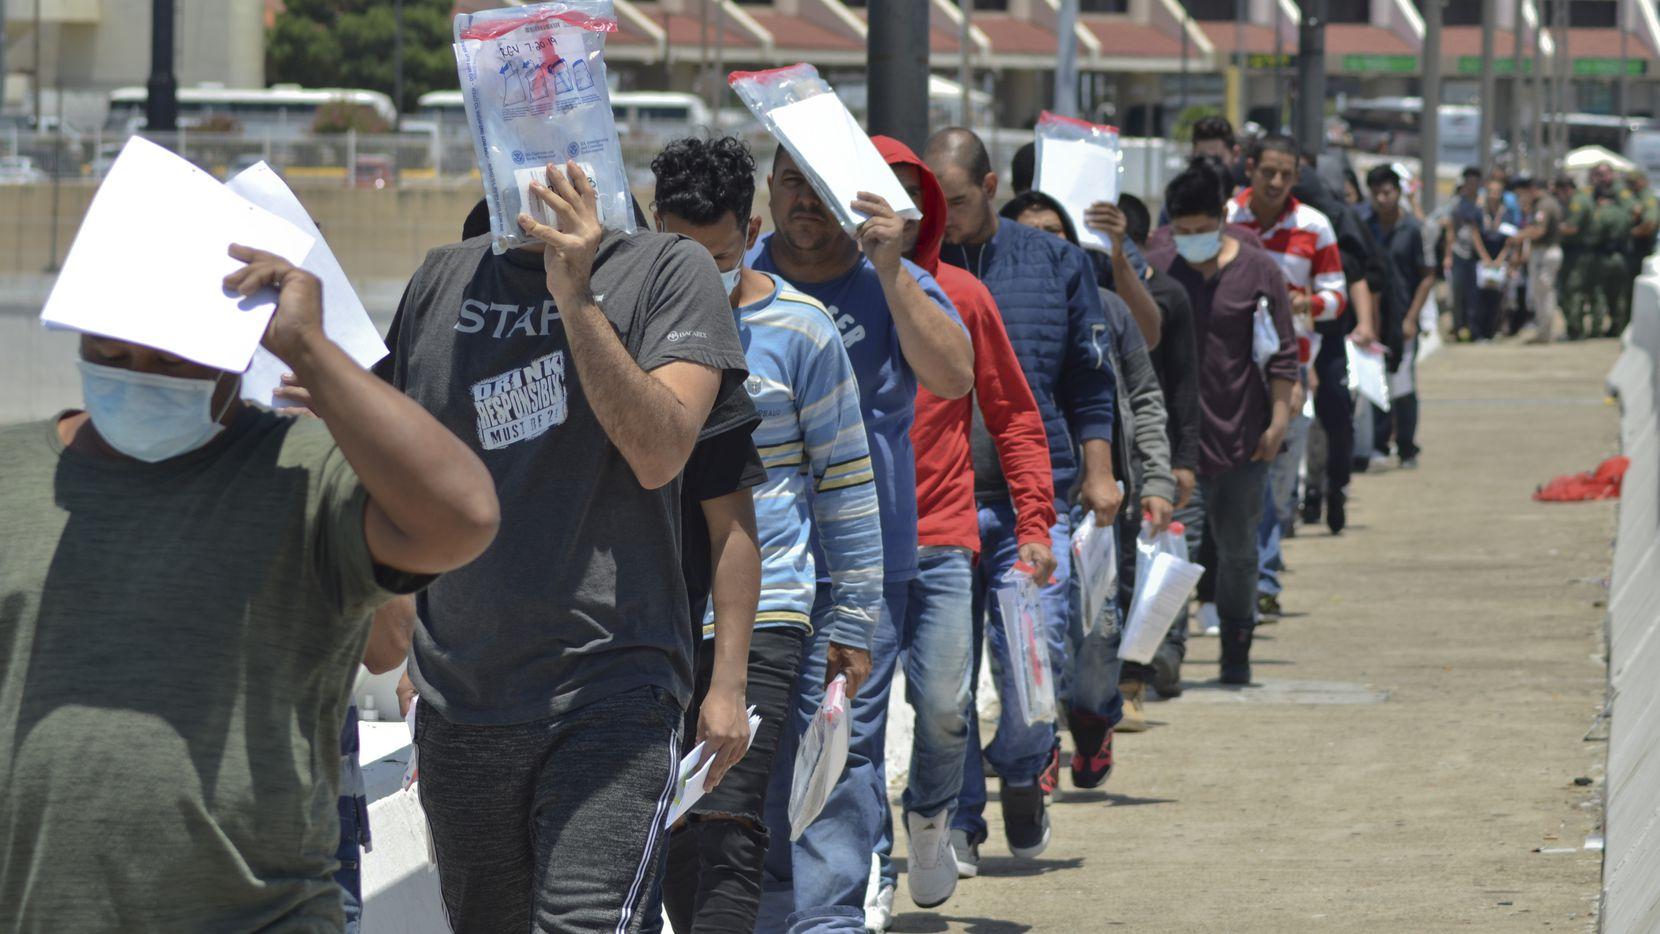 Fila de personas que son regresados a México luego de haber intentado pedir asilo migratorio en Laredo, en la frontera entre Texas y Mexico.